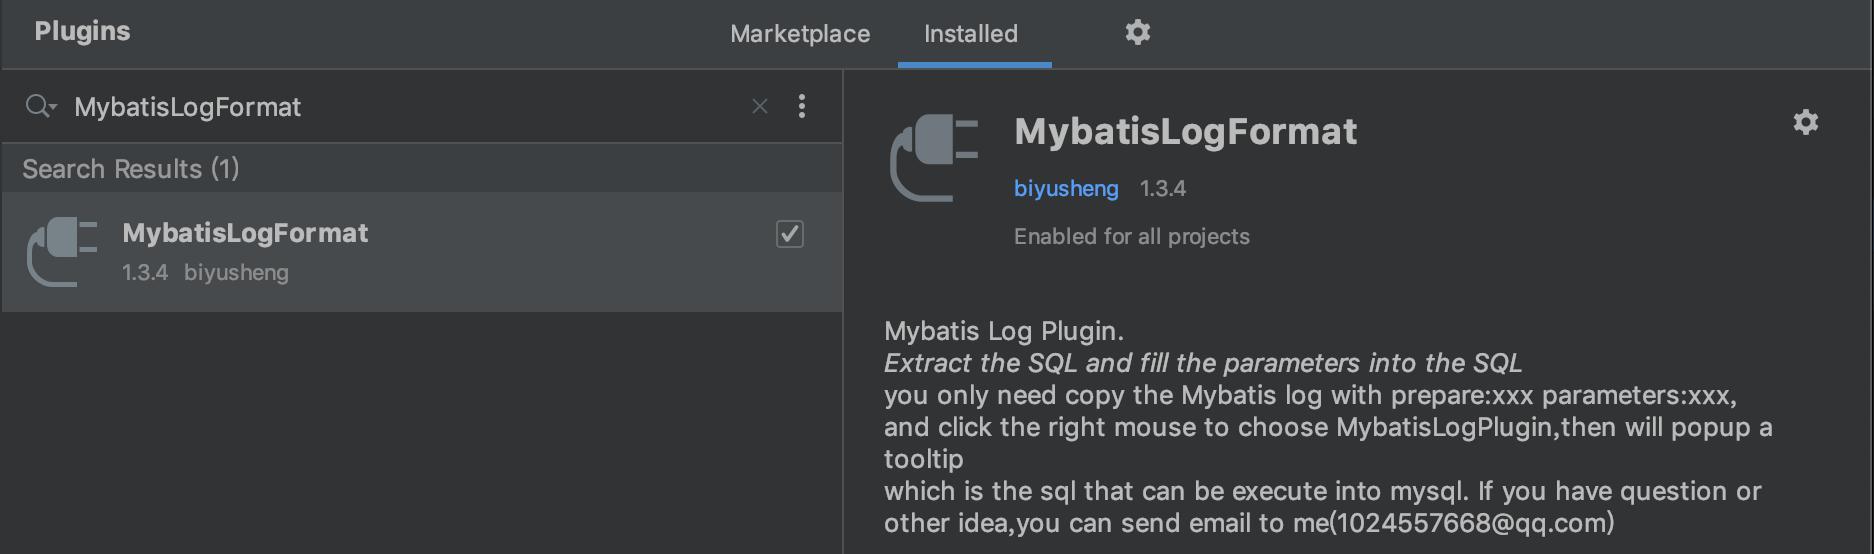 MybatisLogFormat